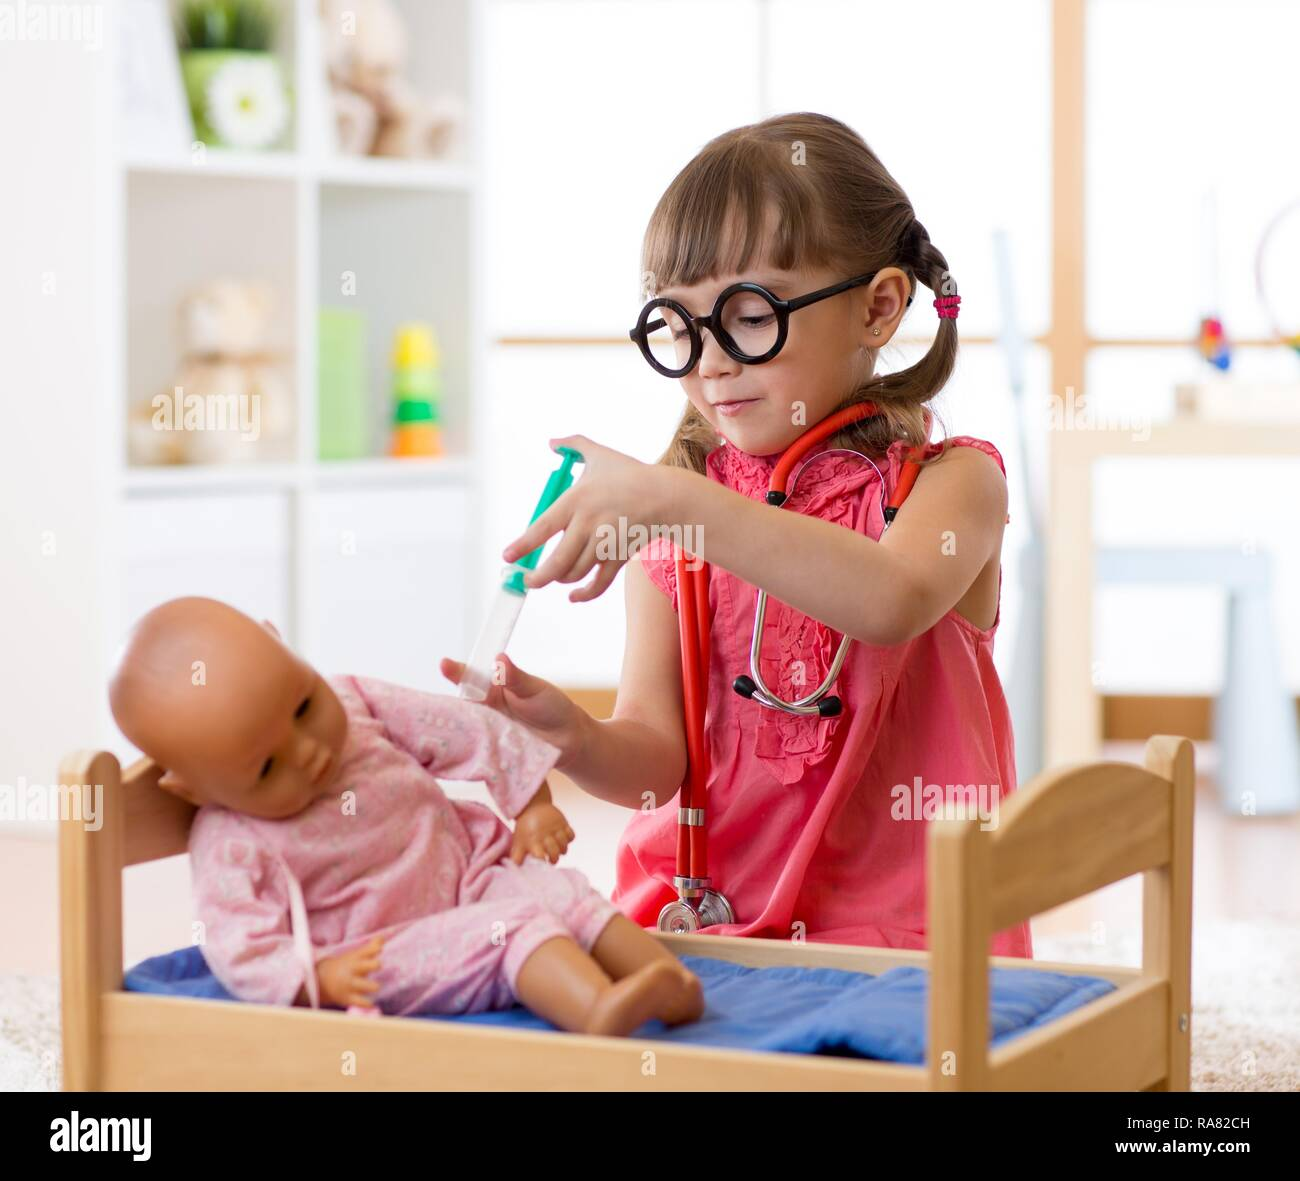 Kind kleine Mädchen spielen mit Spielzeug Puppe in Kindergärten Stockfoto